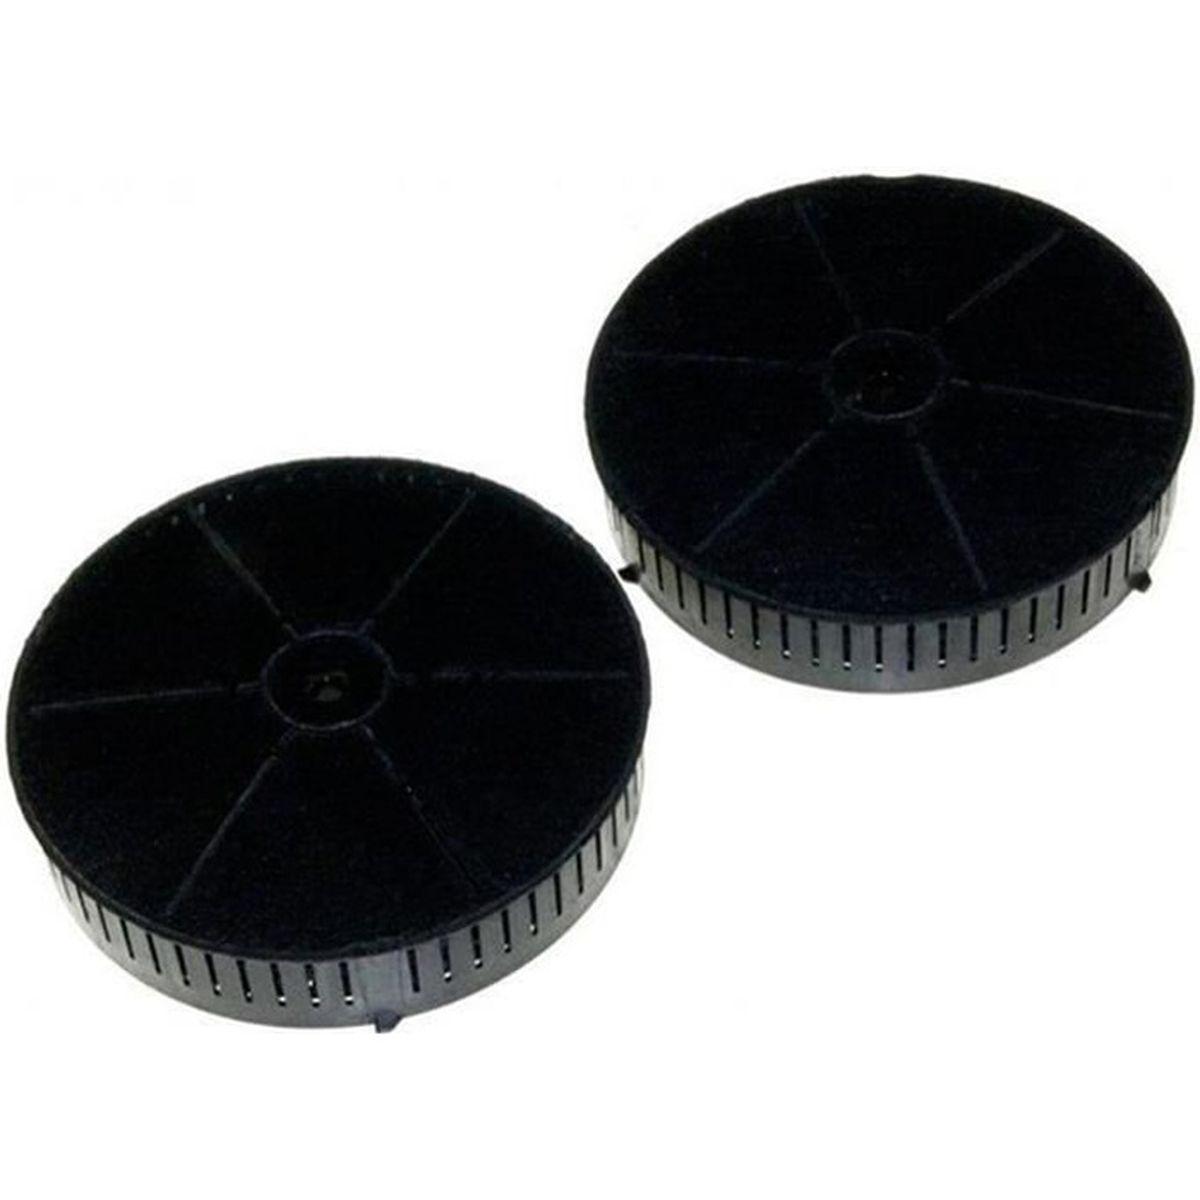 Filtre a charbon hotte elica - Achat / Vente Filtre a charbon ...